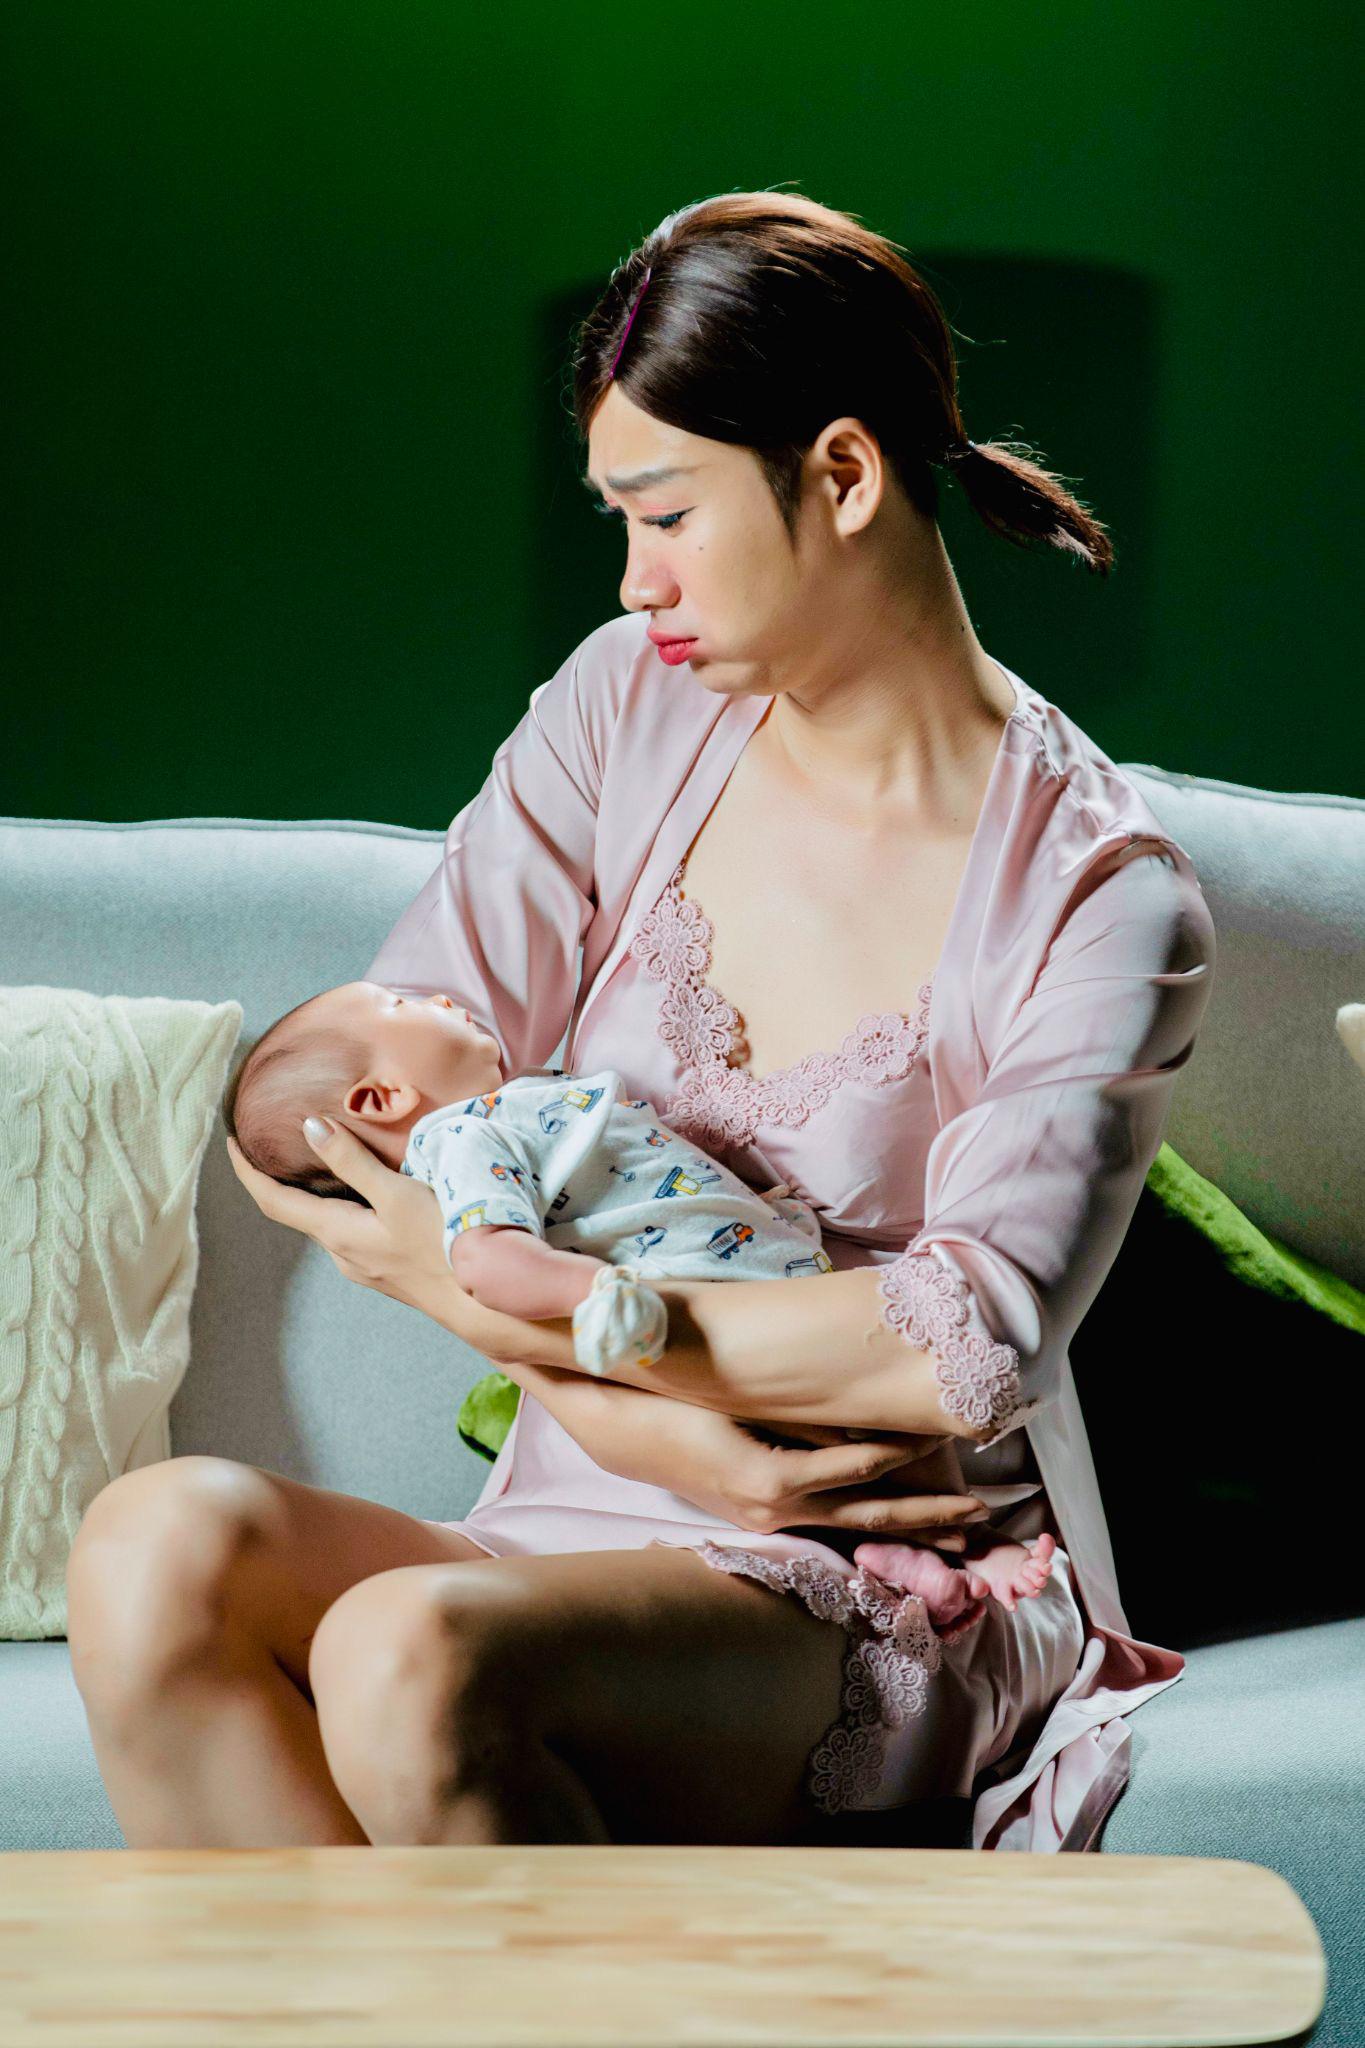 """MV """"Chịu thì chịu, không chịu thì chịu"""" của BB Trần, Hải Triều, Ngọc Phước khiến cộng đồng mạng đứng ngồi không yên! - Ảnh 7."""